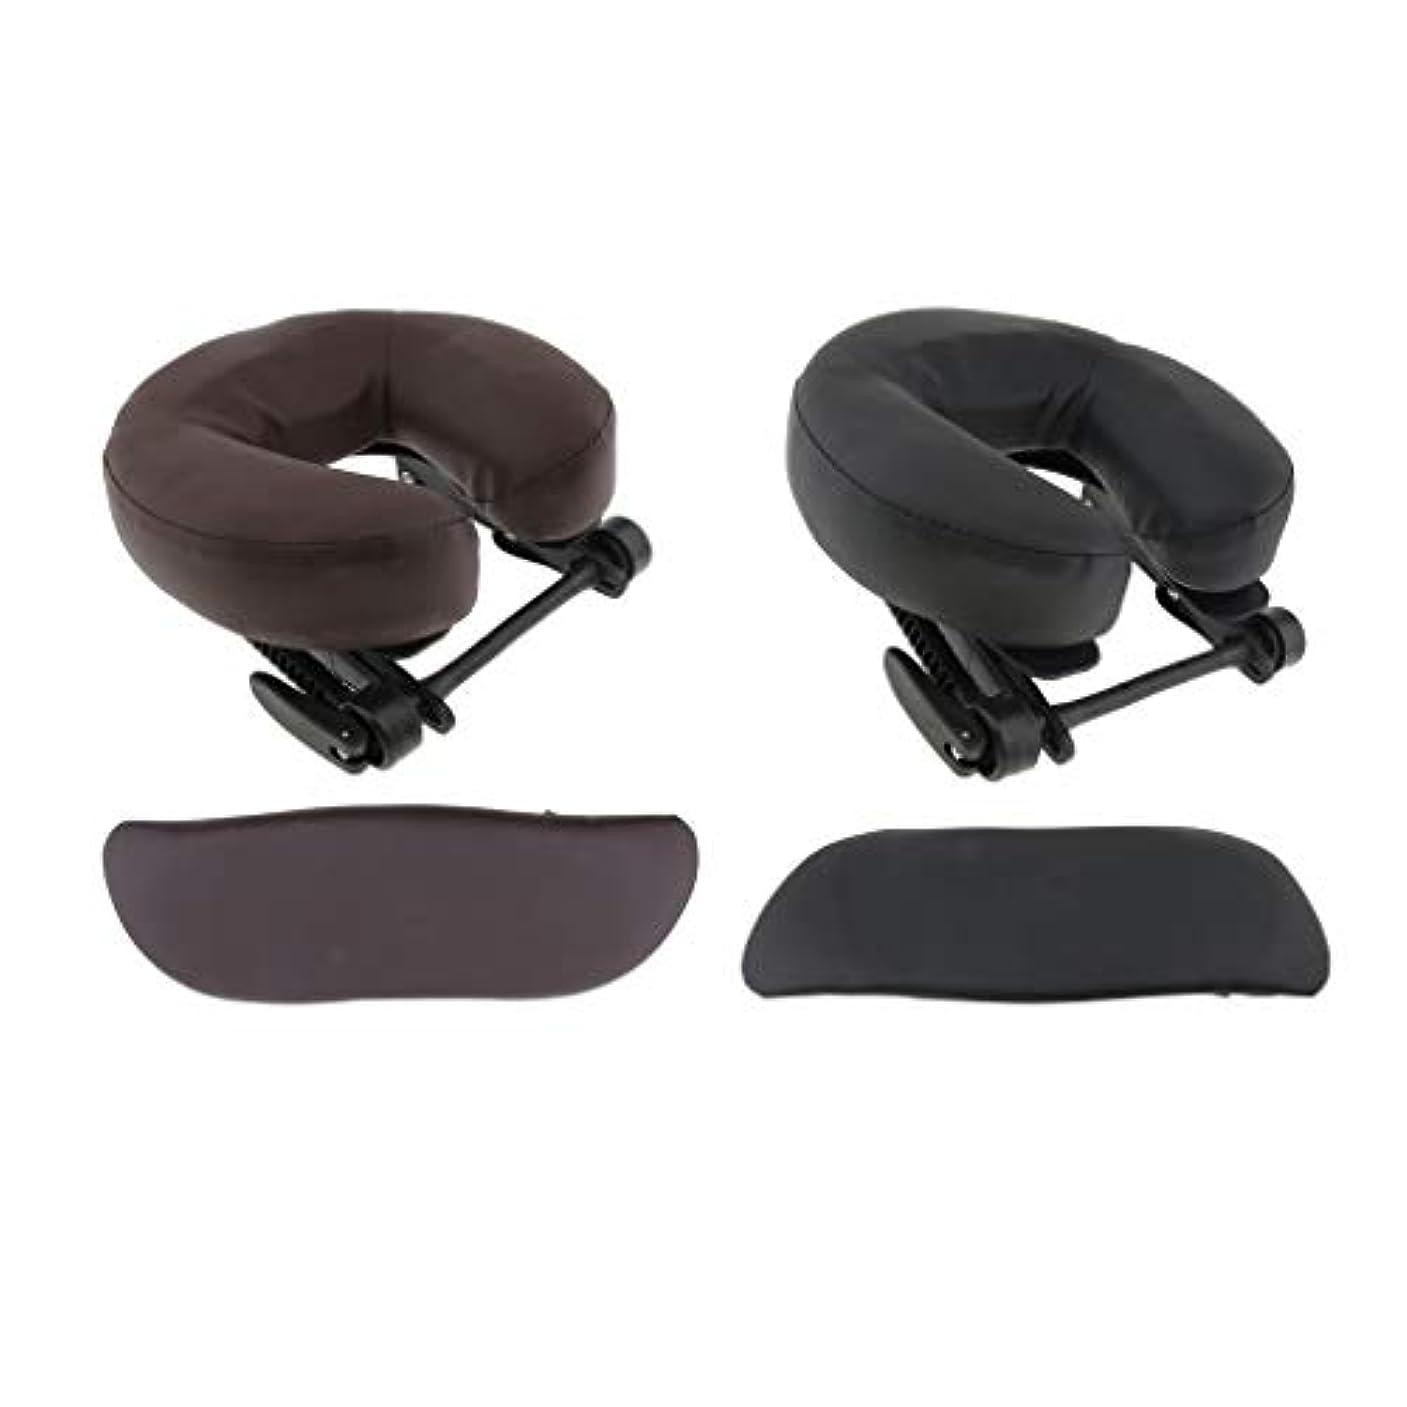 桁計算する計算するchiwanji 顔枕 マッサージ用 フェイスピロー U字型 アームサポート マッサージテーブル用 全2種選択 - ブラウン+ブラック